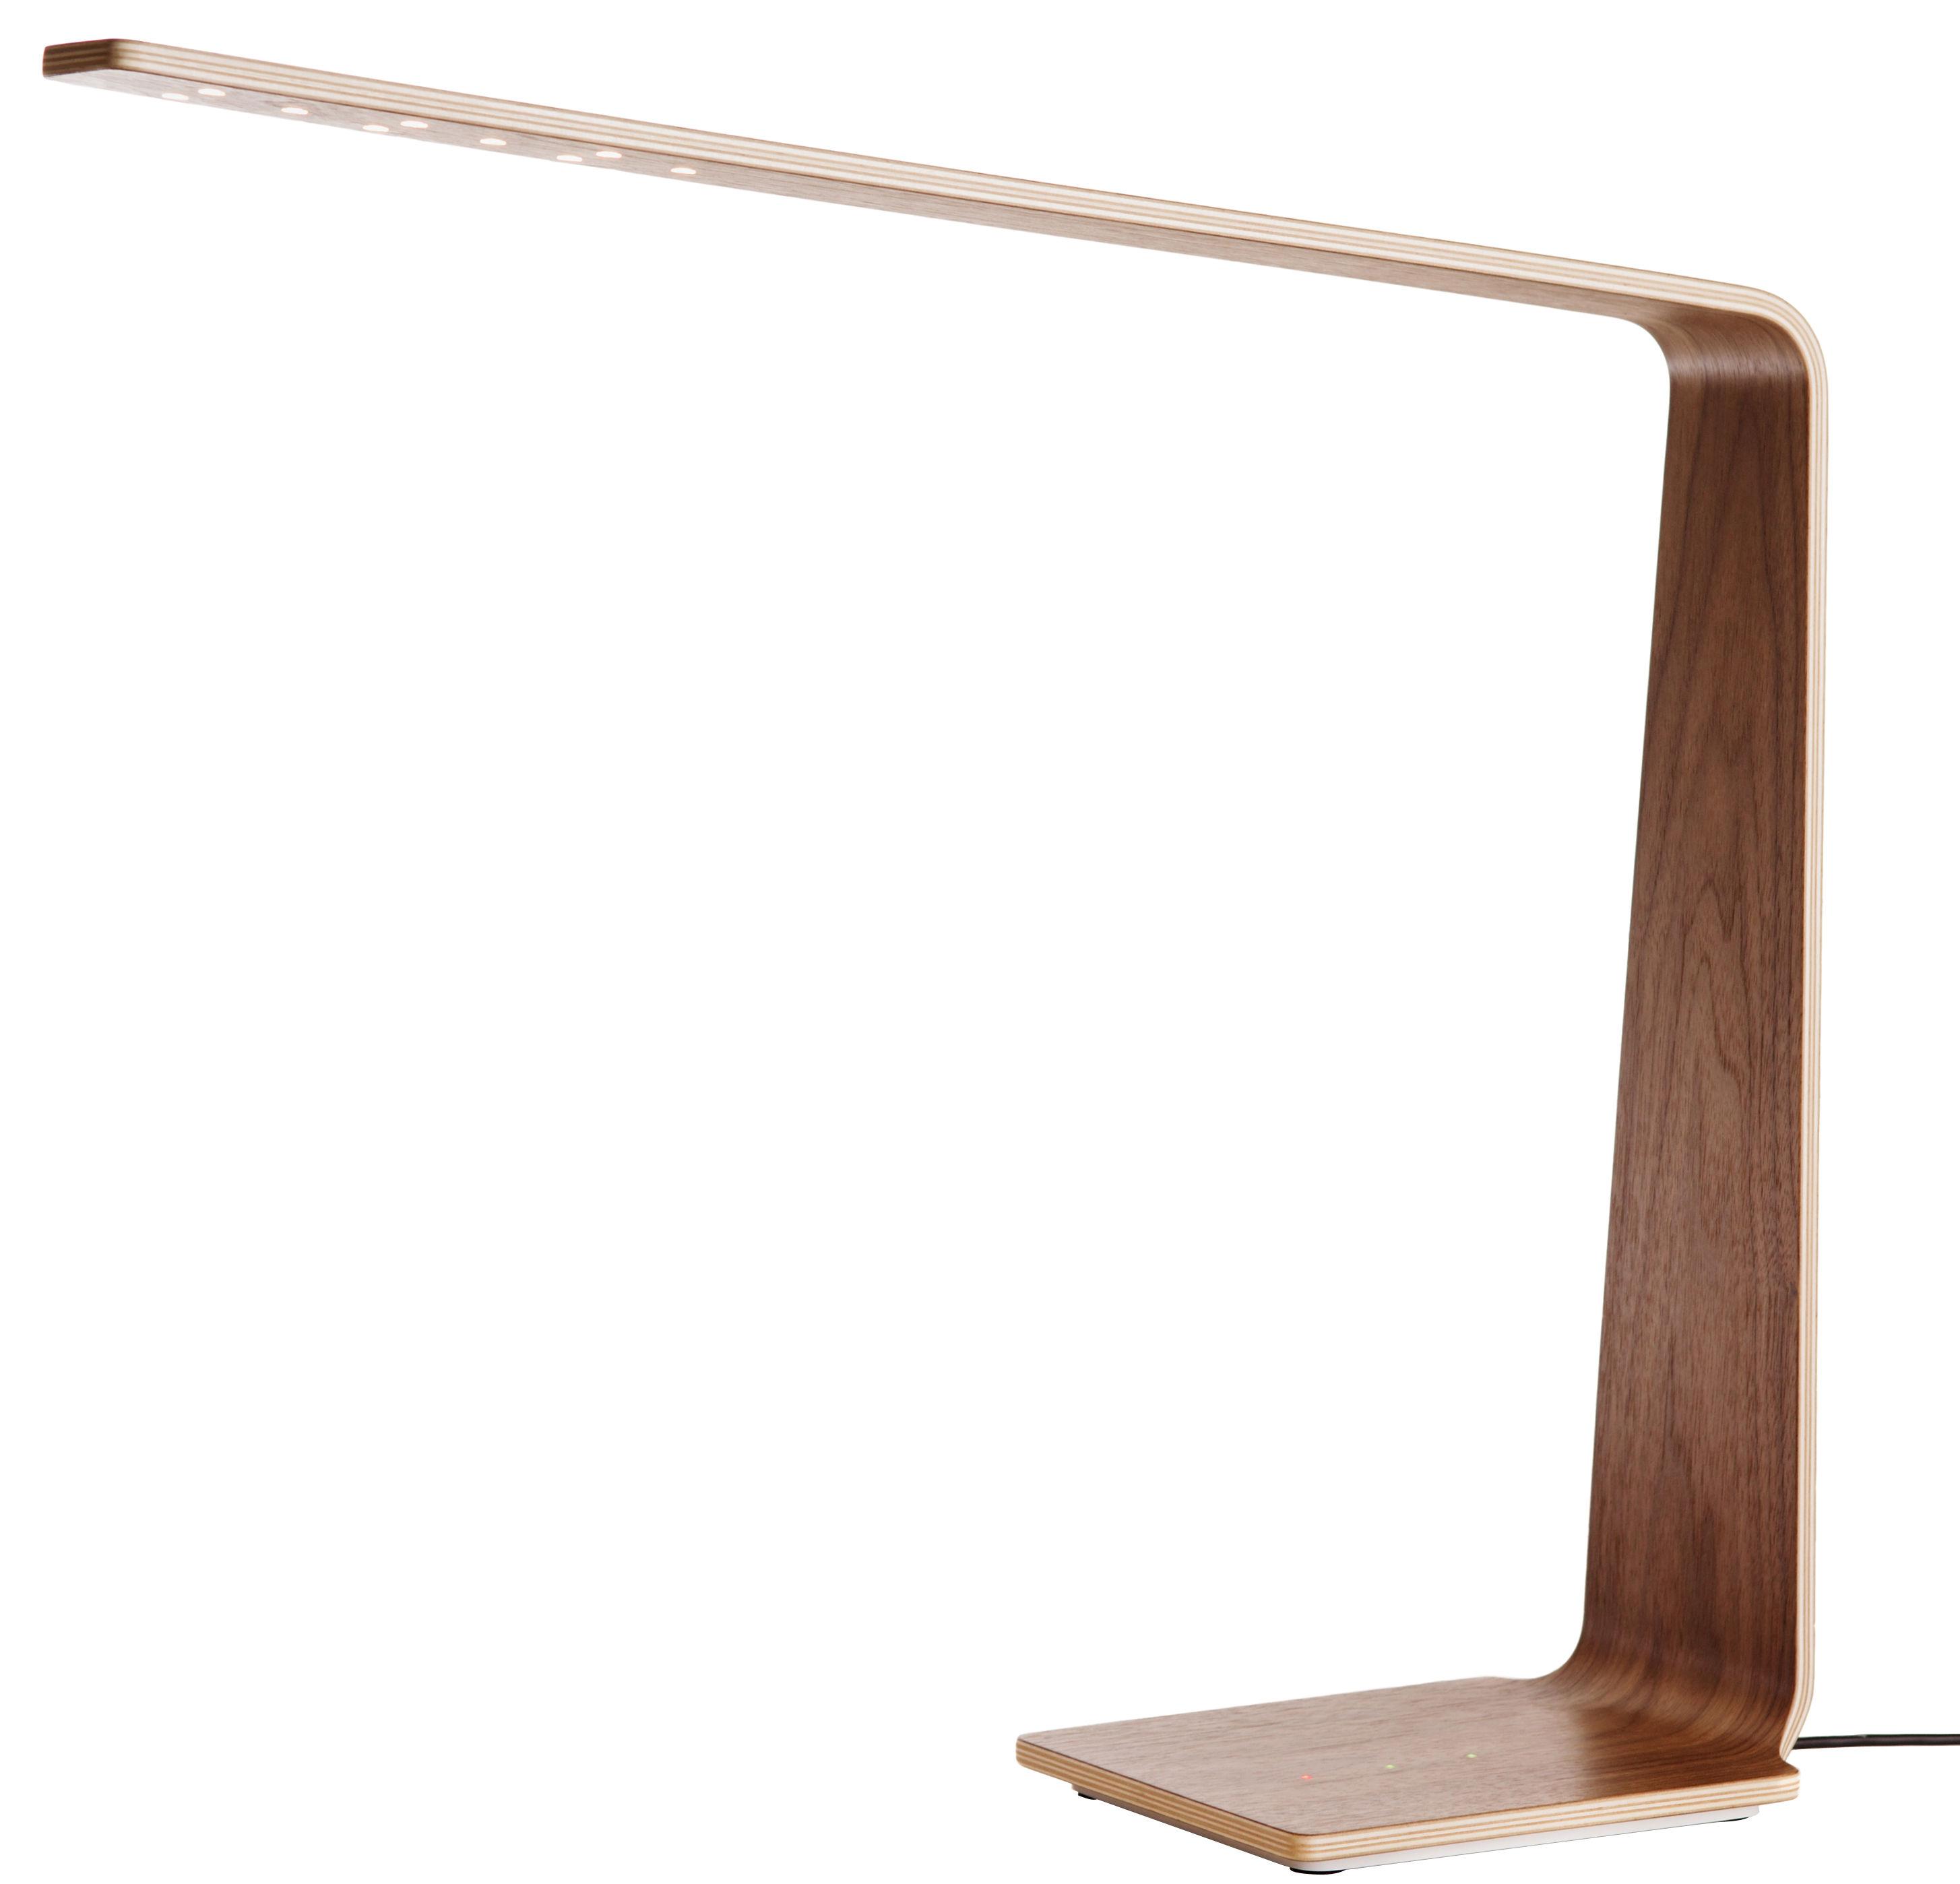 Leuchten - Tischleuchten - LED4 Tischleuchte / H 52 cm - Tunto - Nussbaum - Nussbaum